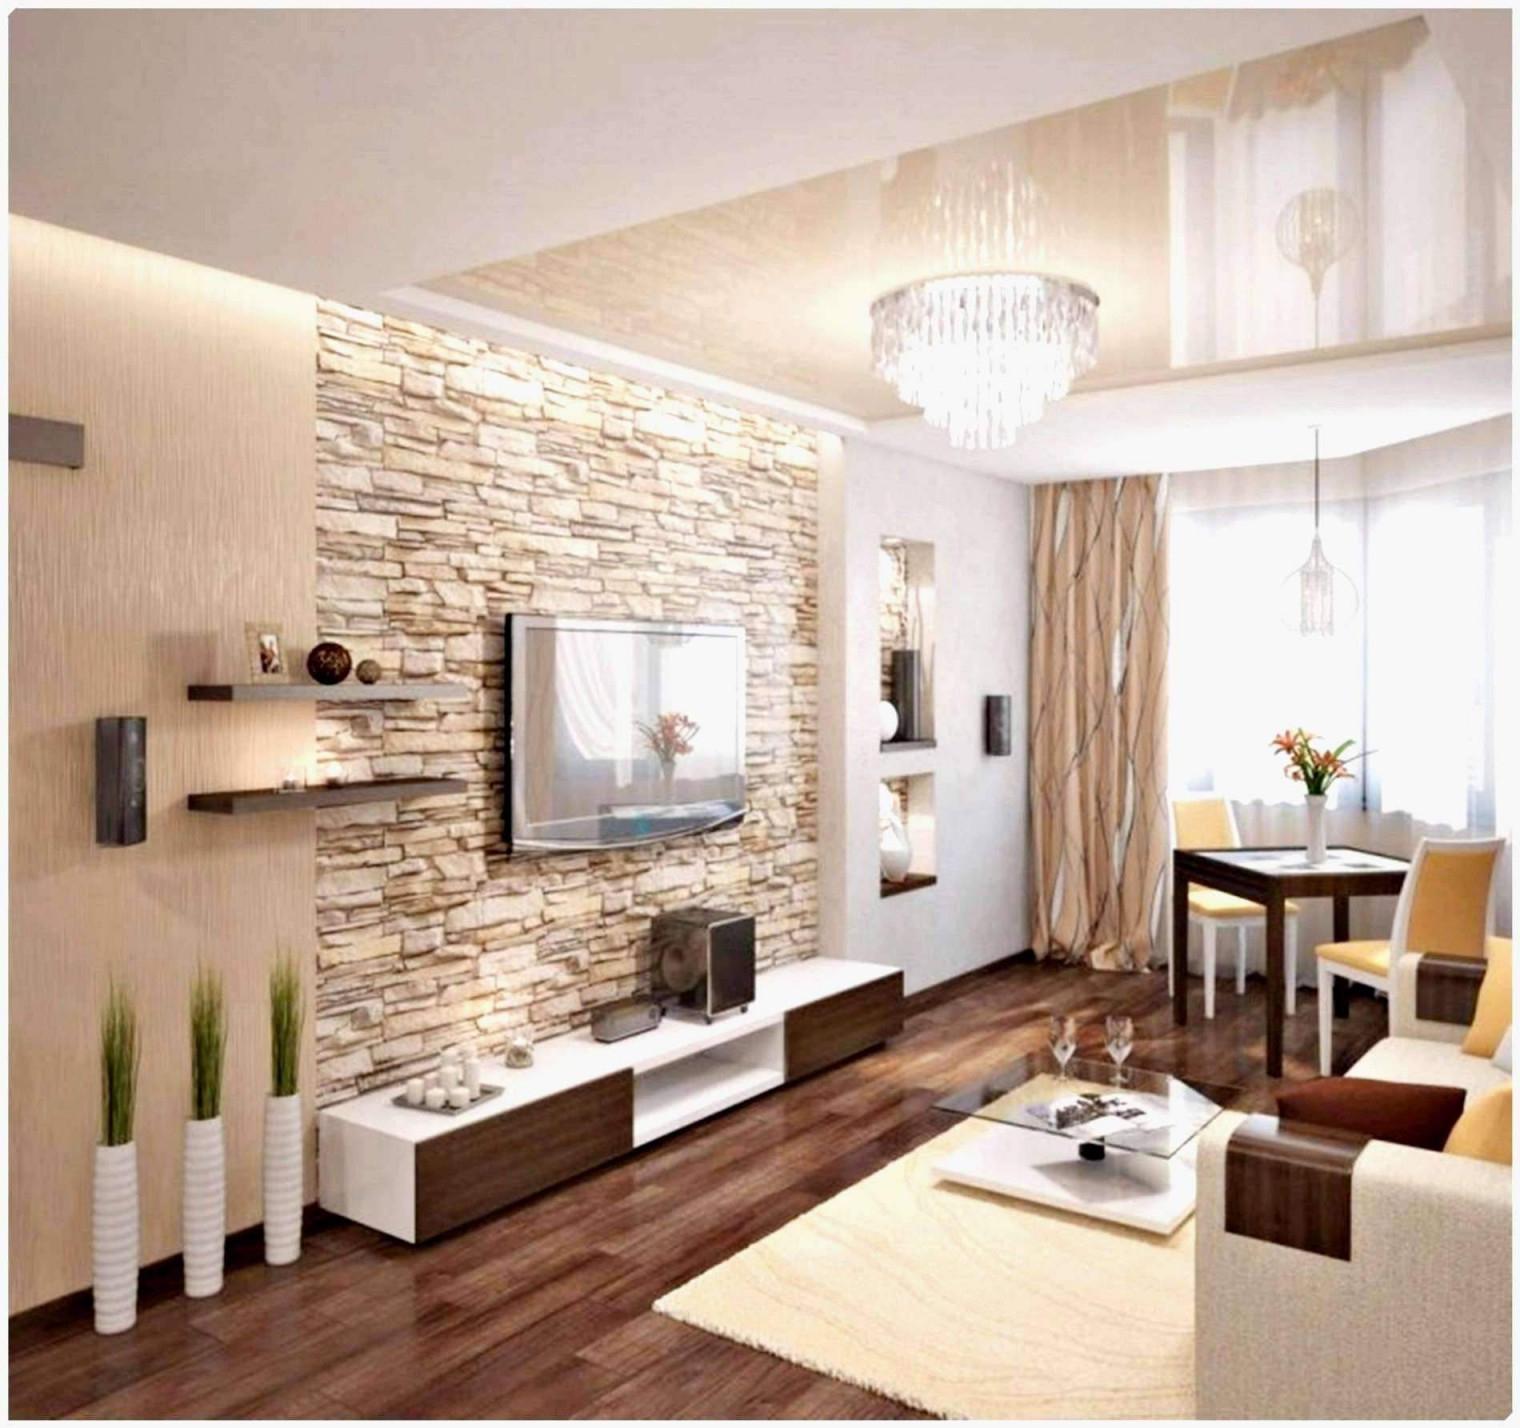 Bilder Mit Rahmen Für Wohnzimmer Reizend New Massivholzmöbel von Bilder Mit Rahmen Für Wohnzimmer Bild